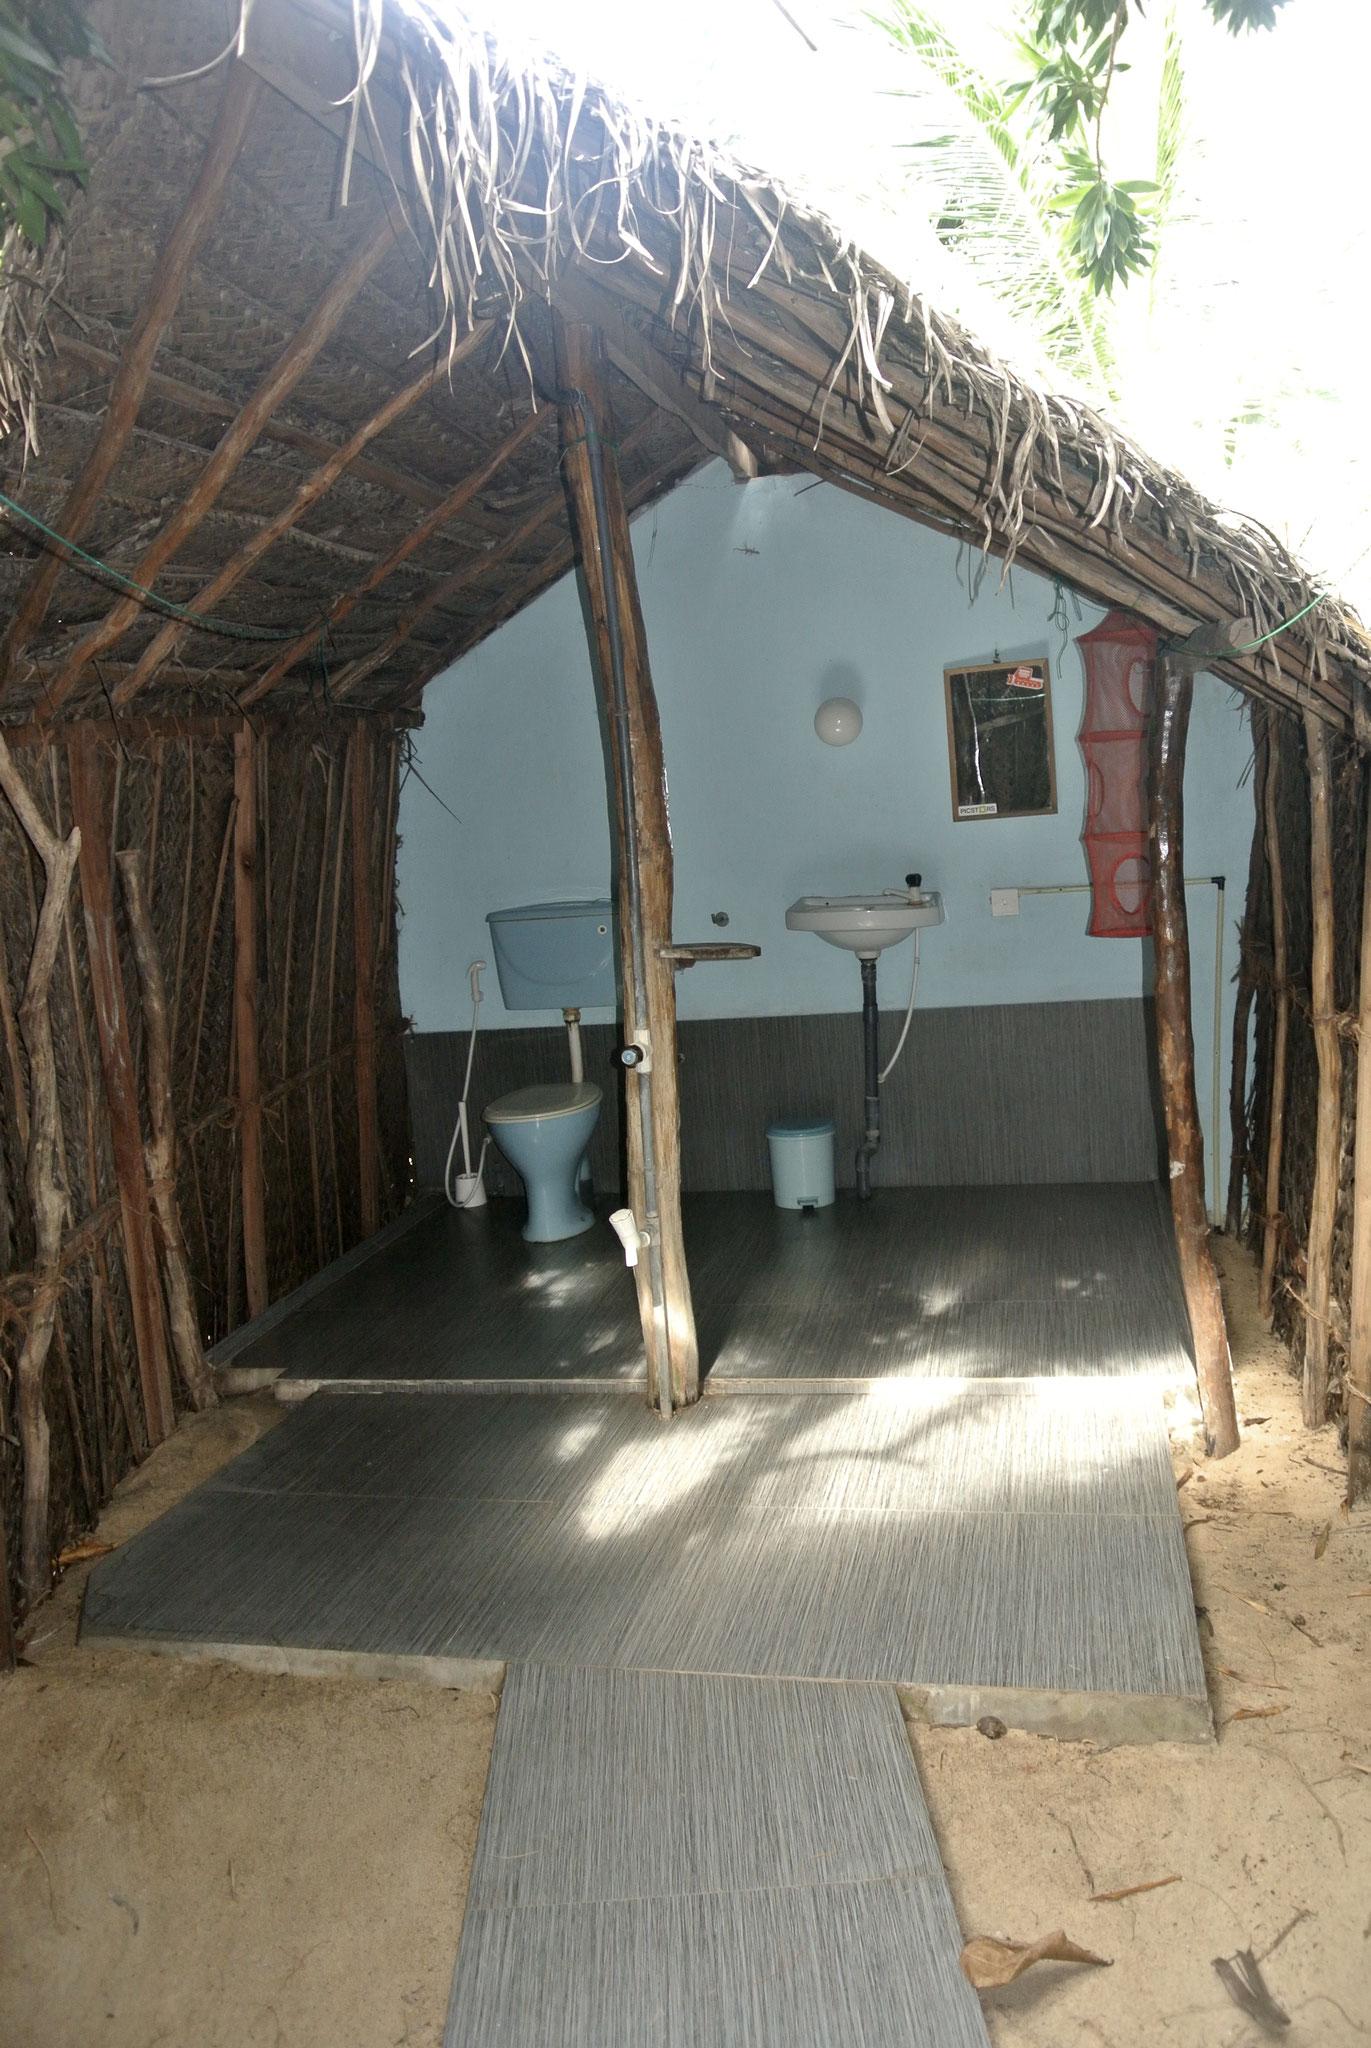 The Noa Cabana / Open Air Bathroom